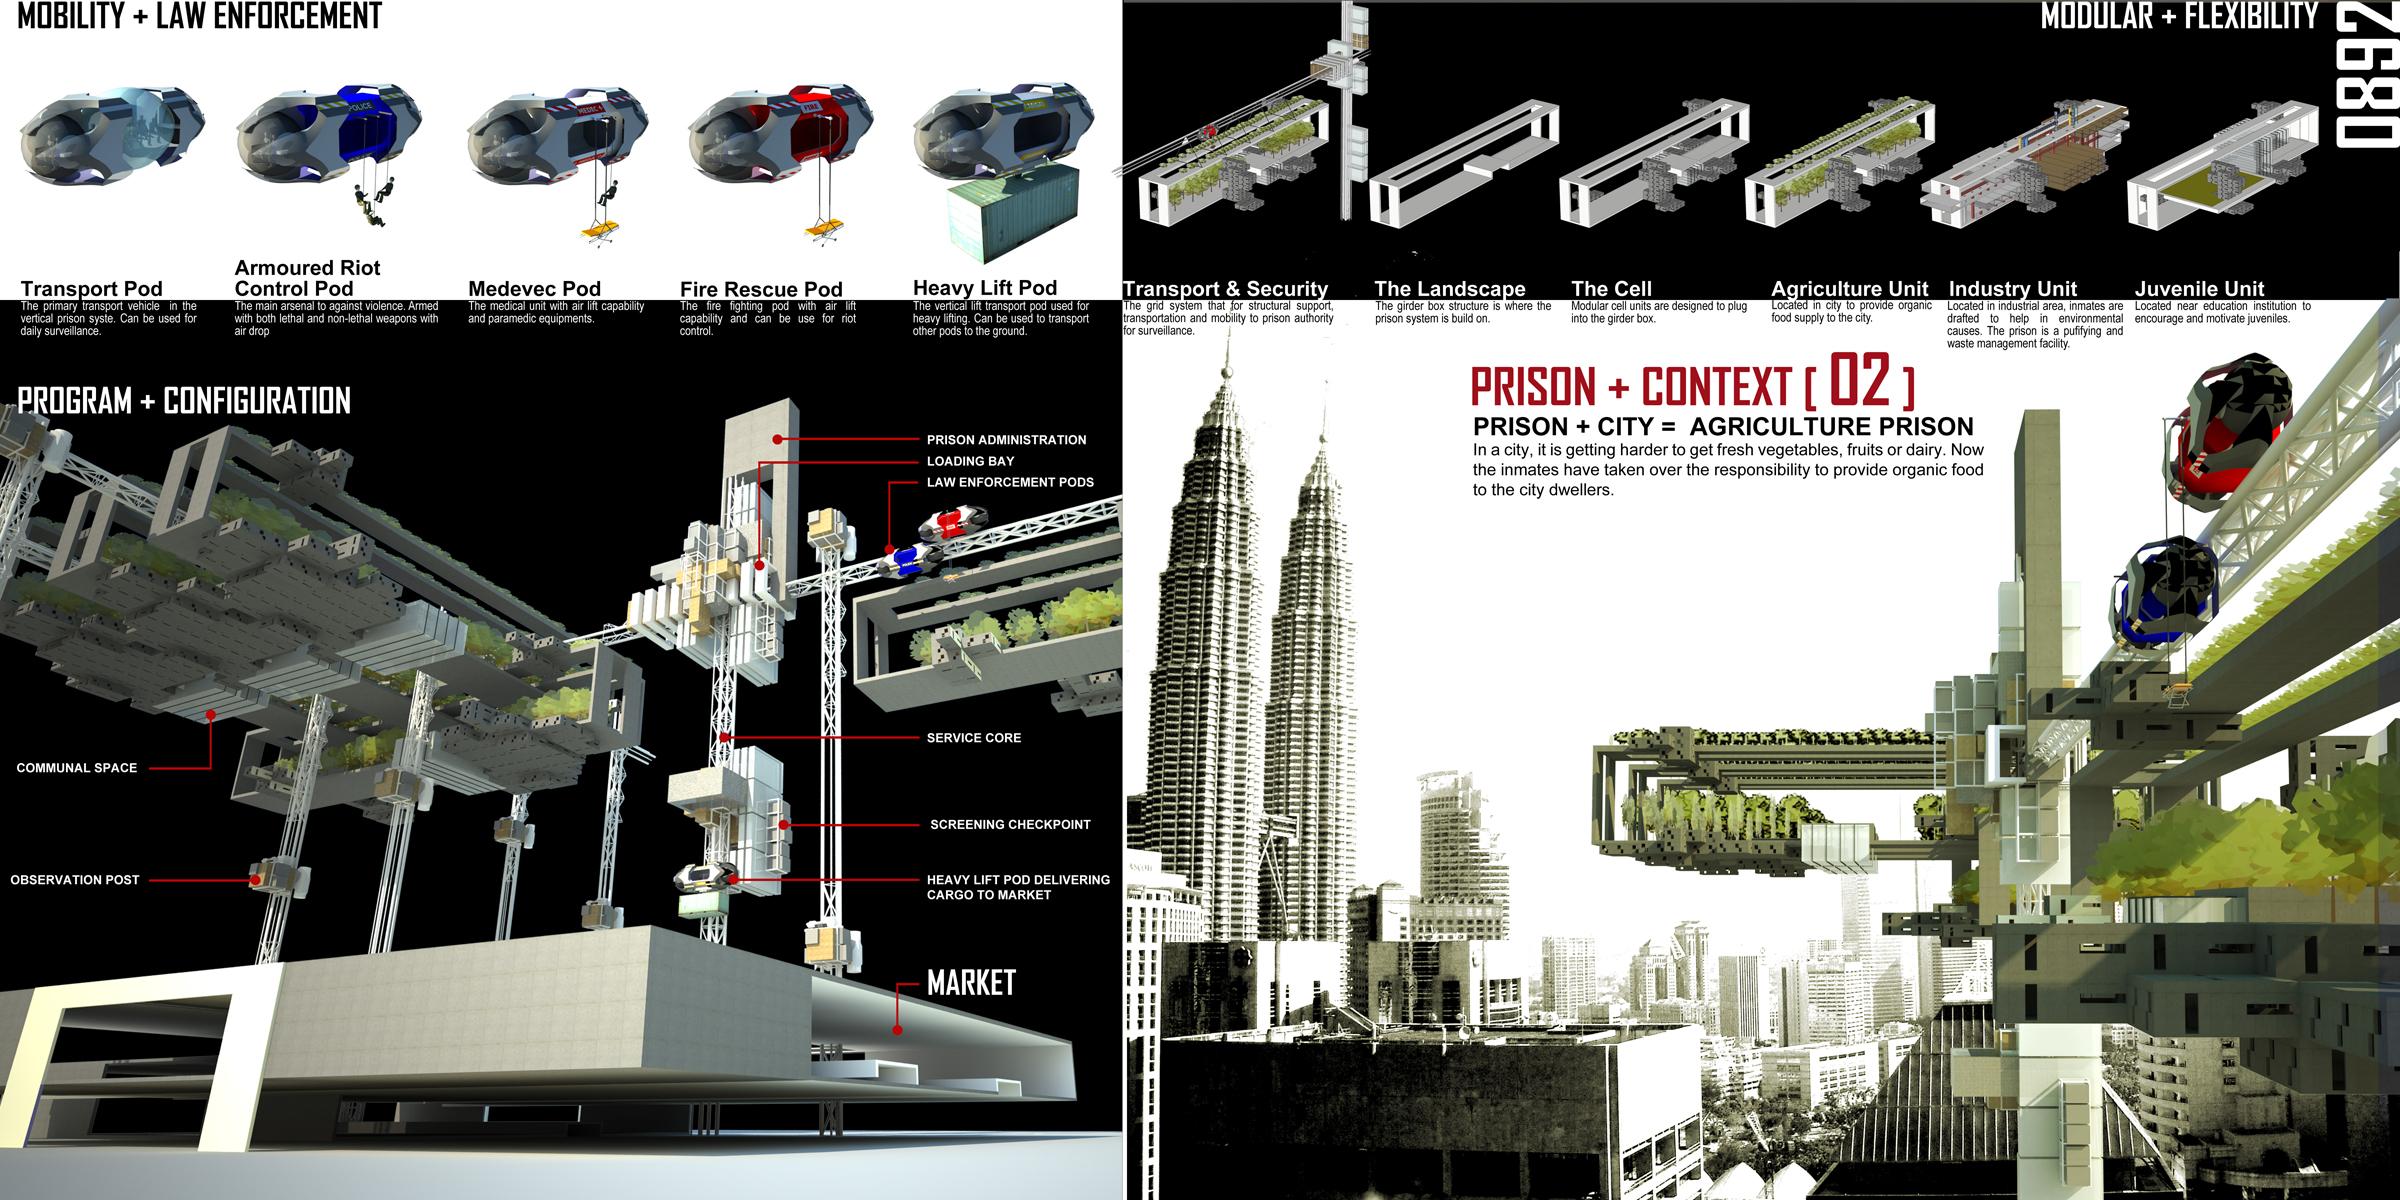 evolo杂志摩天楼设计竞赛获奖方案 转《装饰》网站